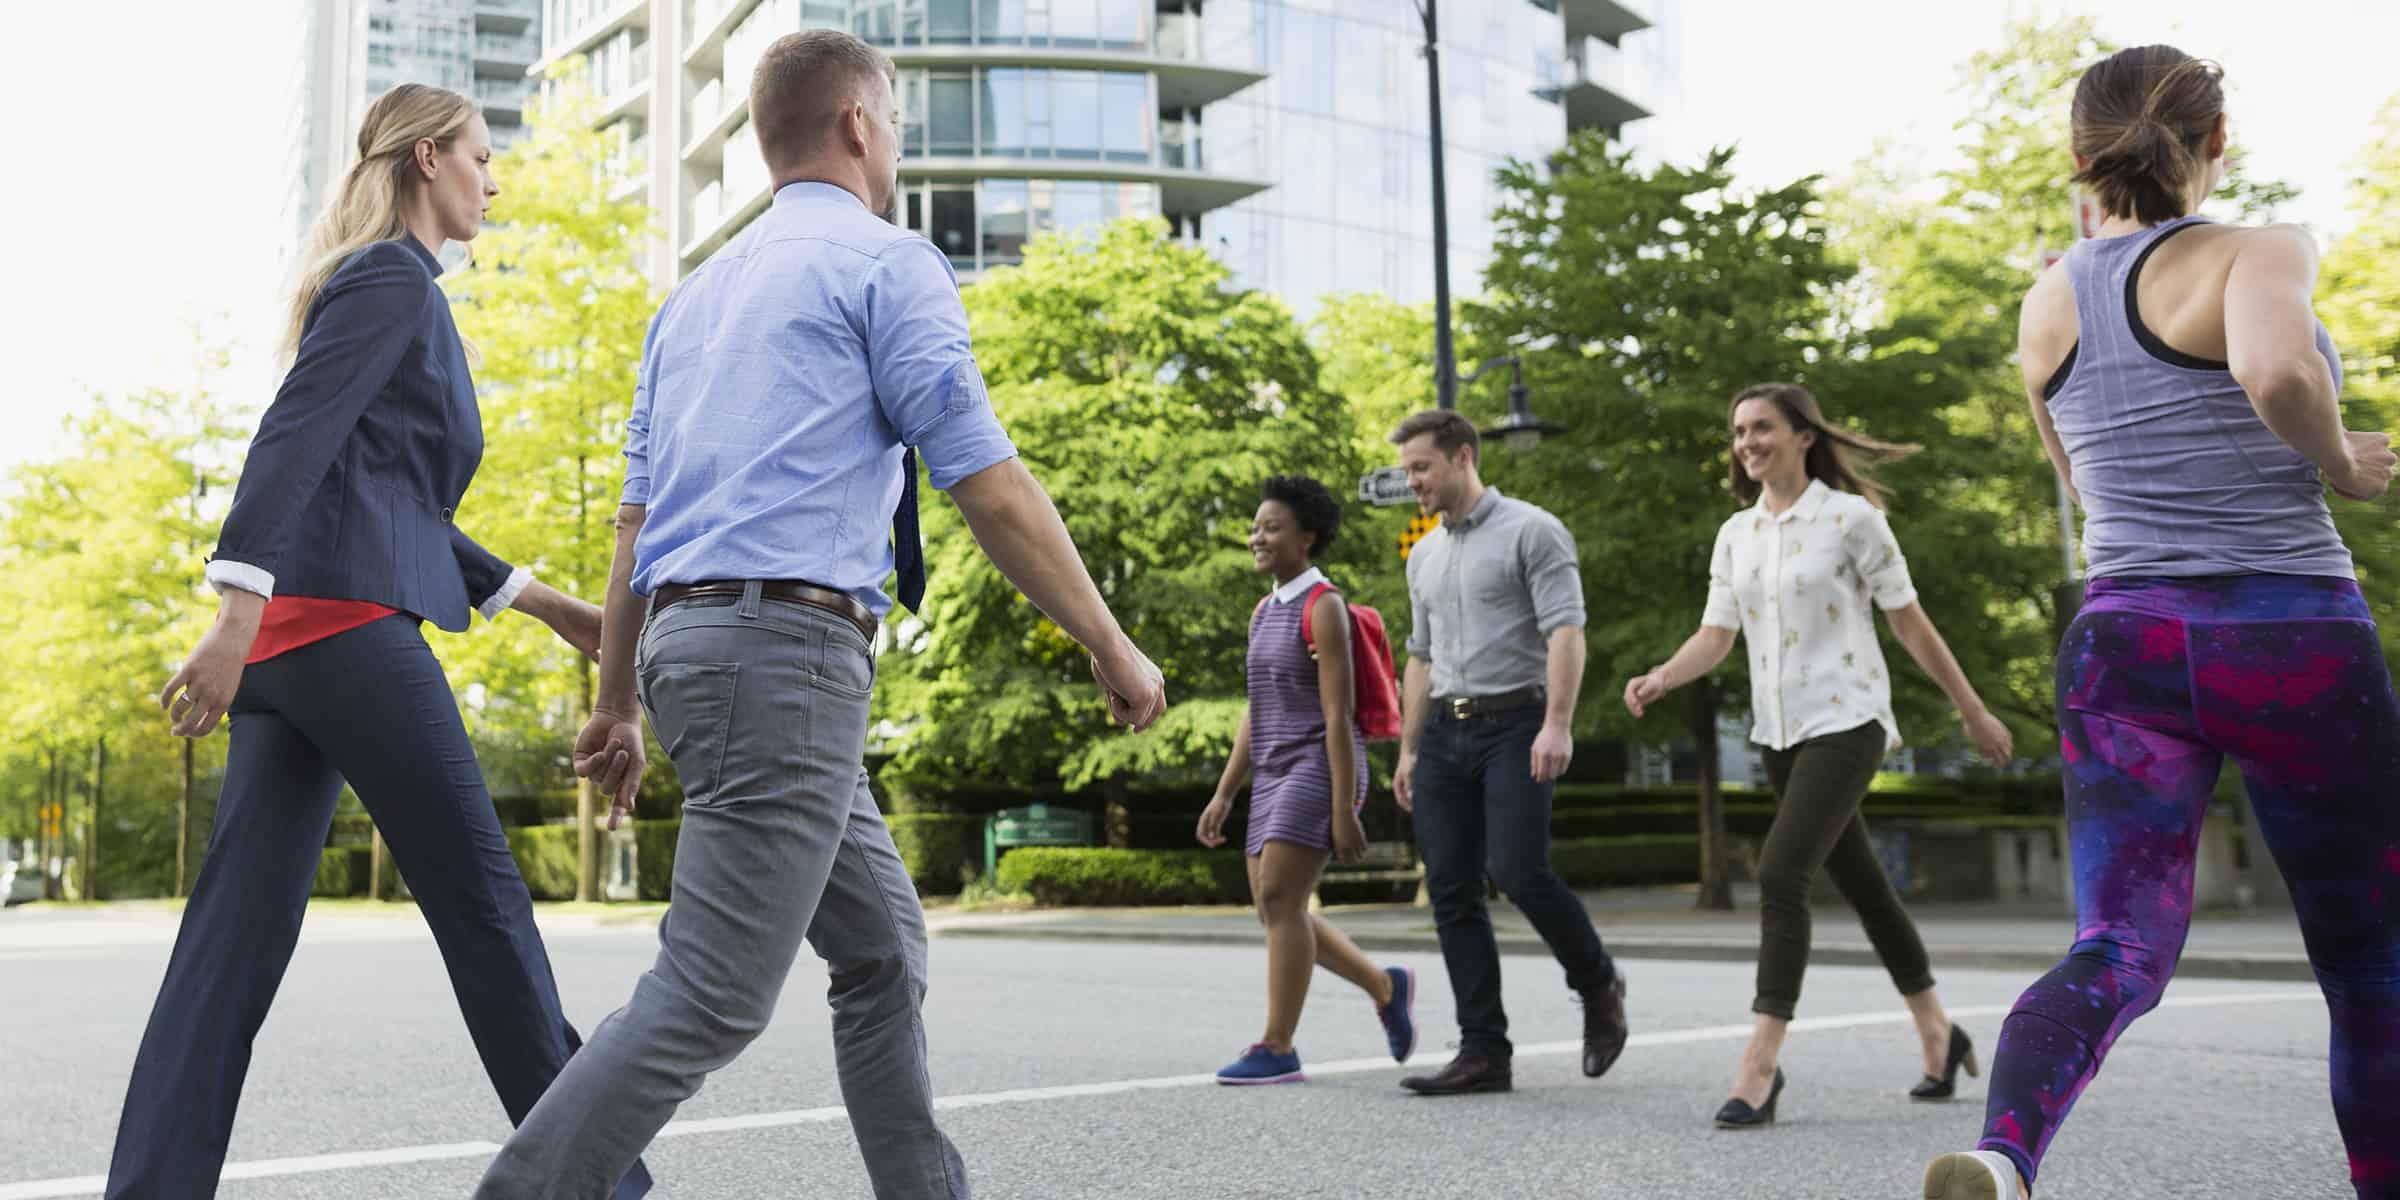 pedestrians-walk-street-stock-today-main-180911